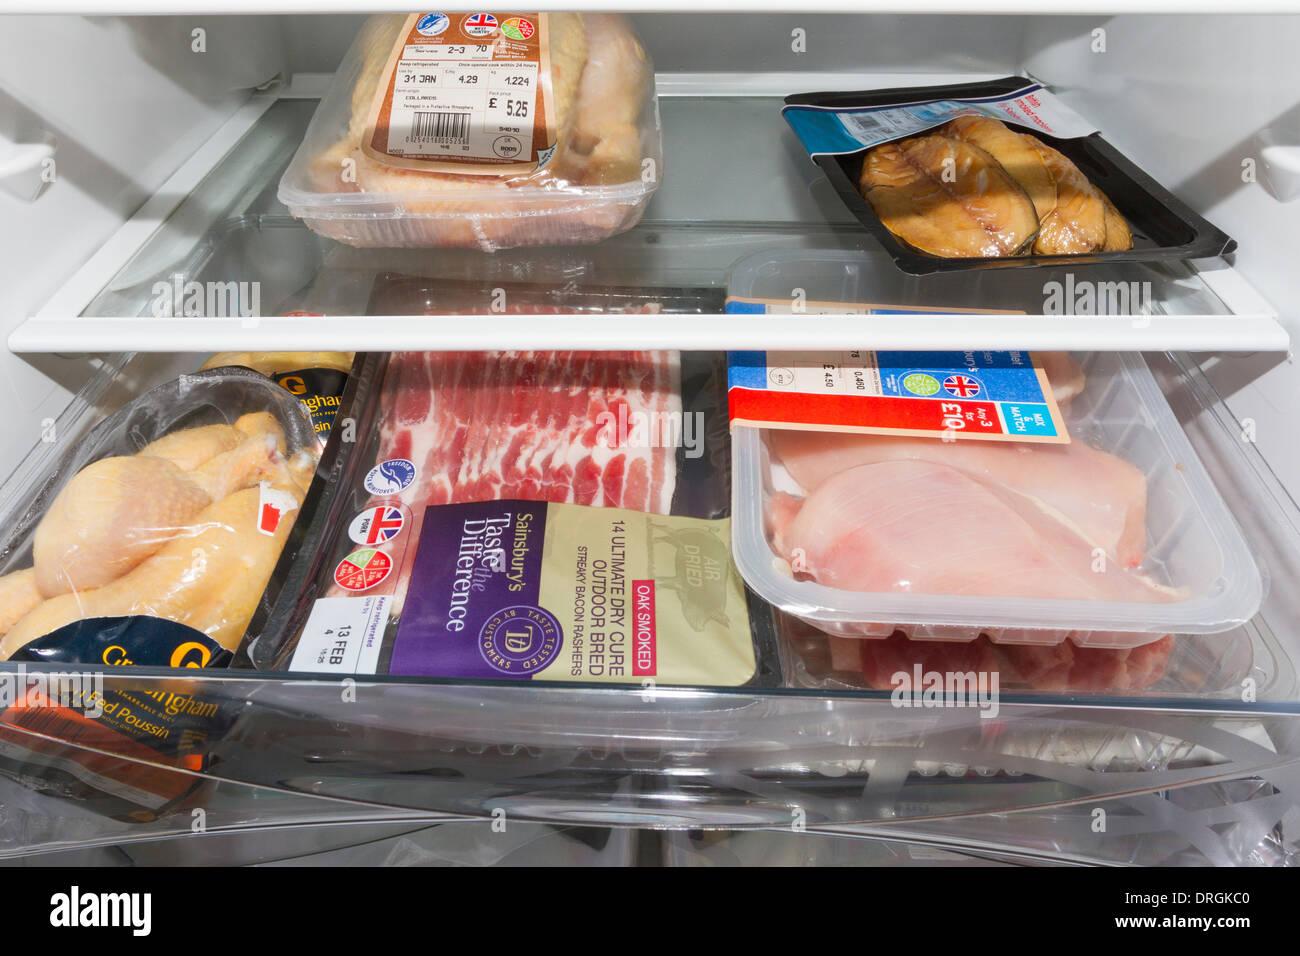 Carni fresche di pollame e mantenuto all'interno di un frigorifero Immagini Stock